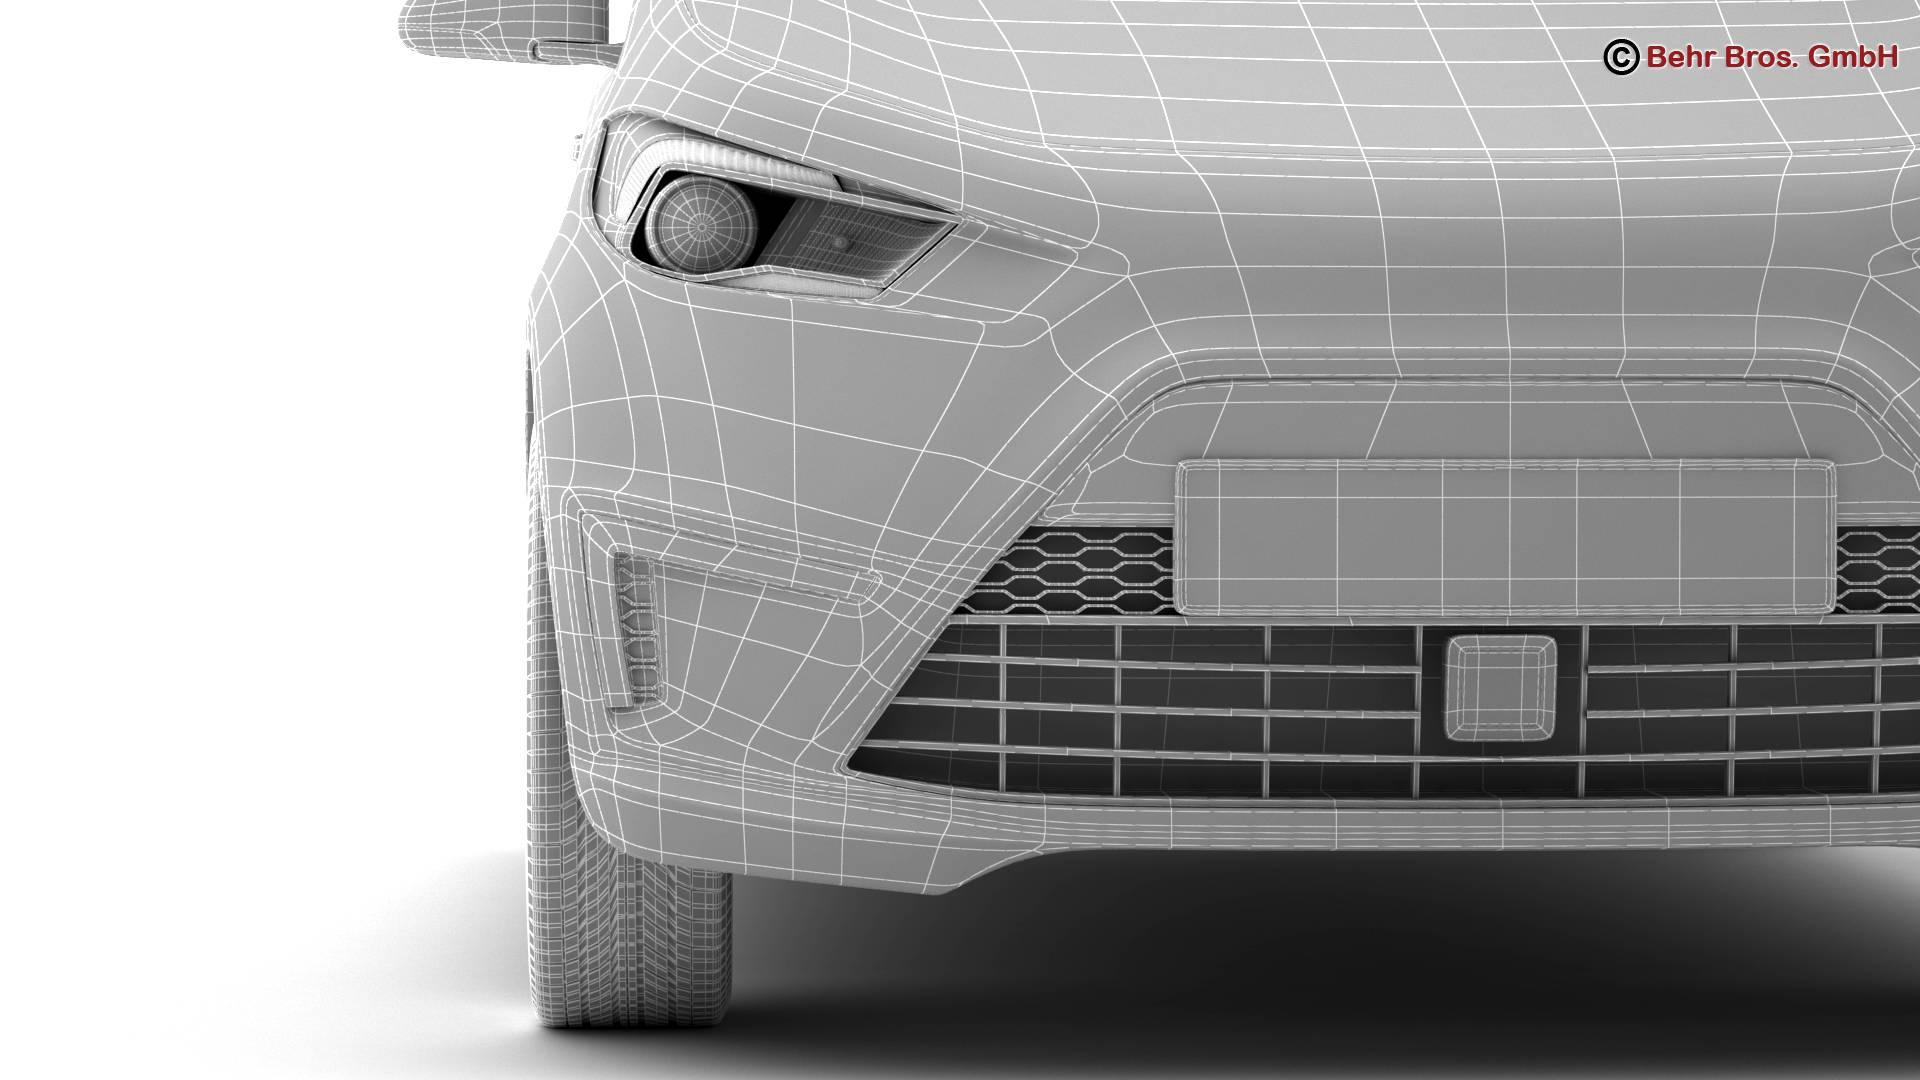 generic city car 3d model 3ds max fbx c4d lwo ma mb obj 209054